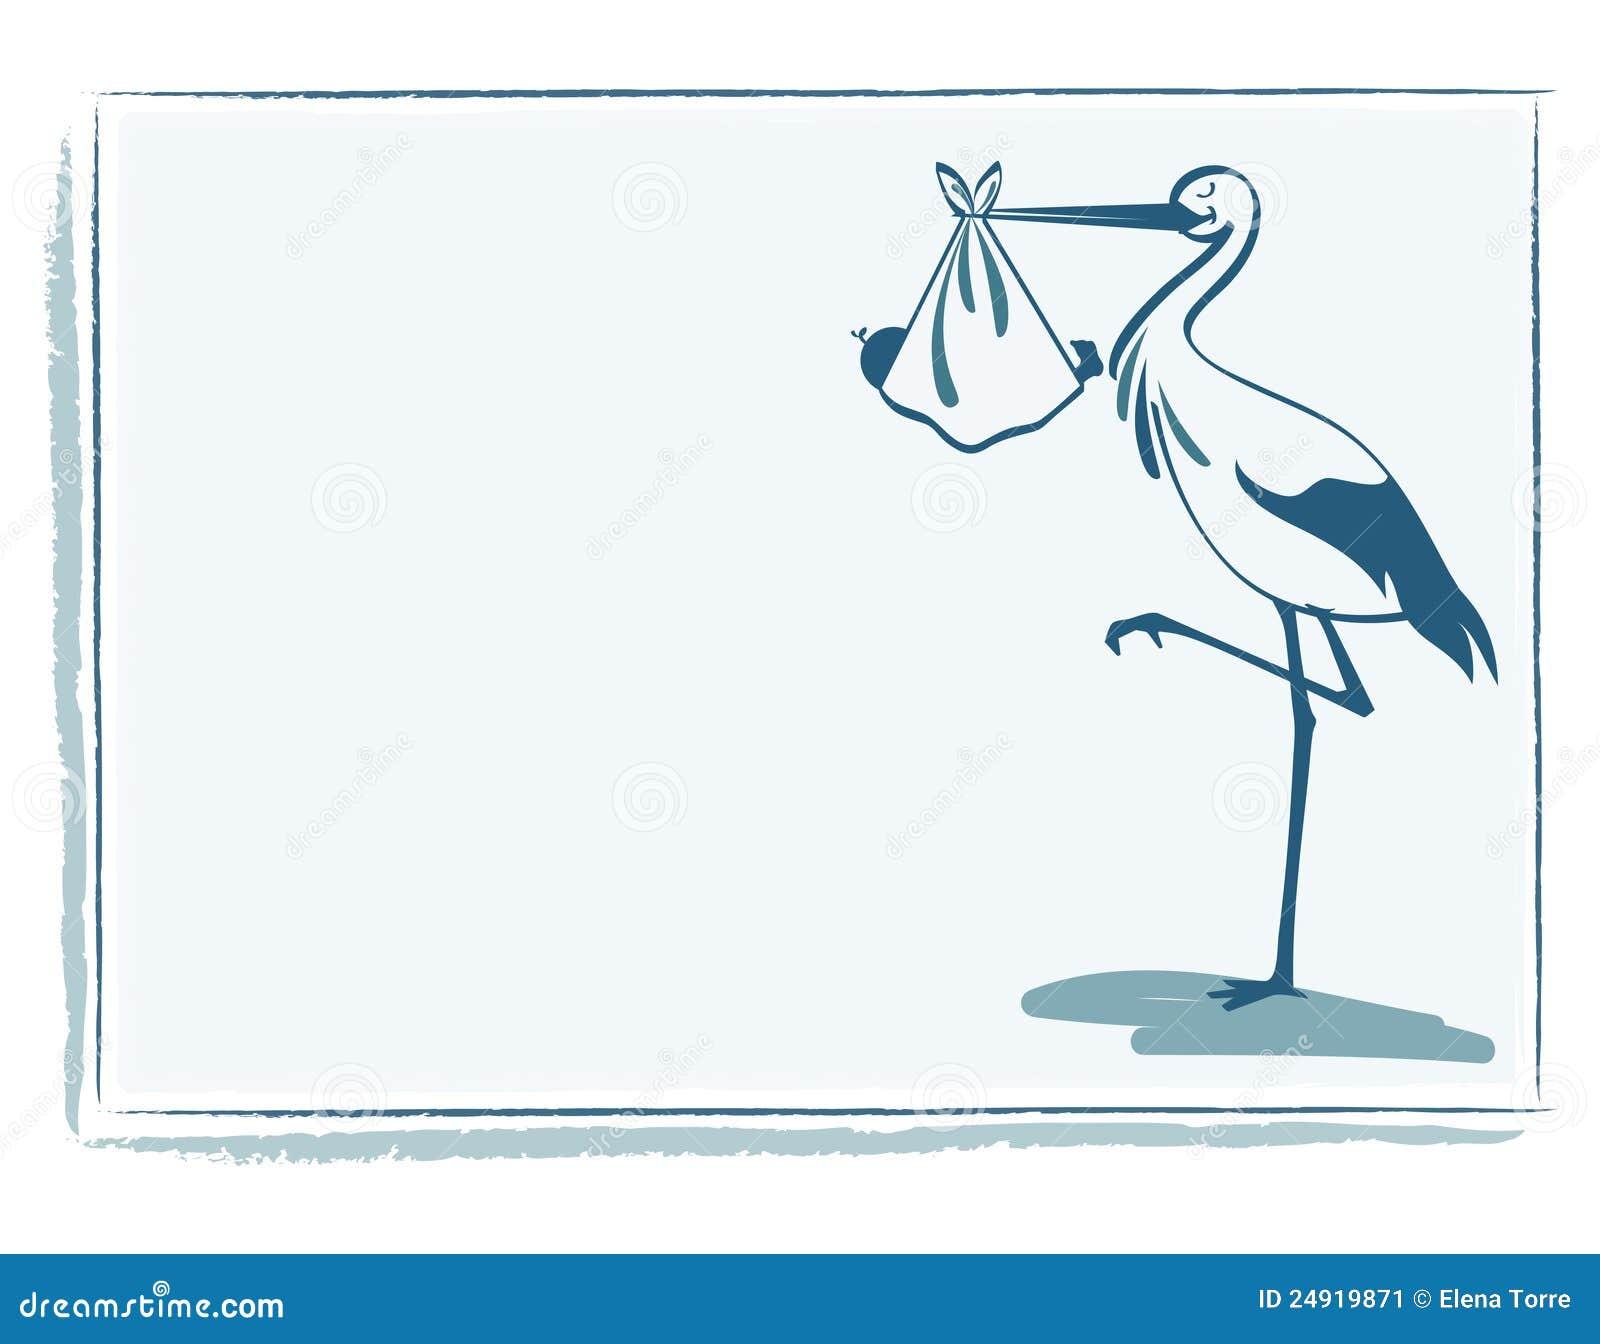 Изображение поздравительной открытки с изображением аиста